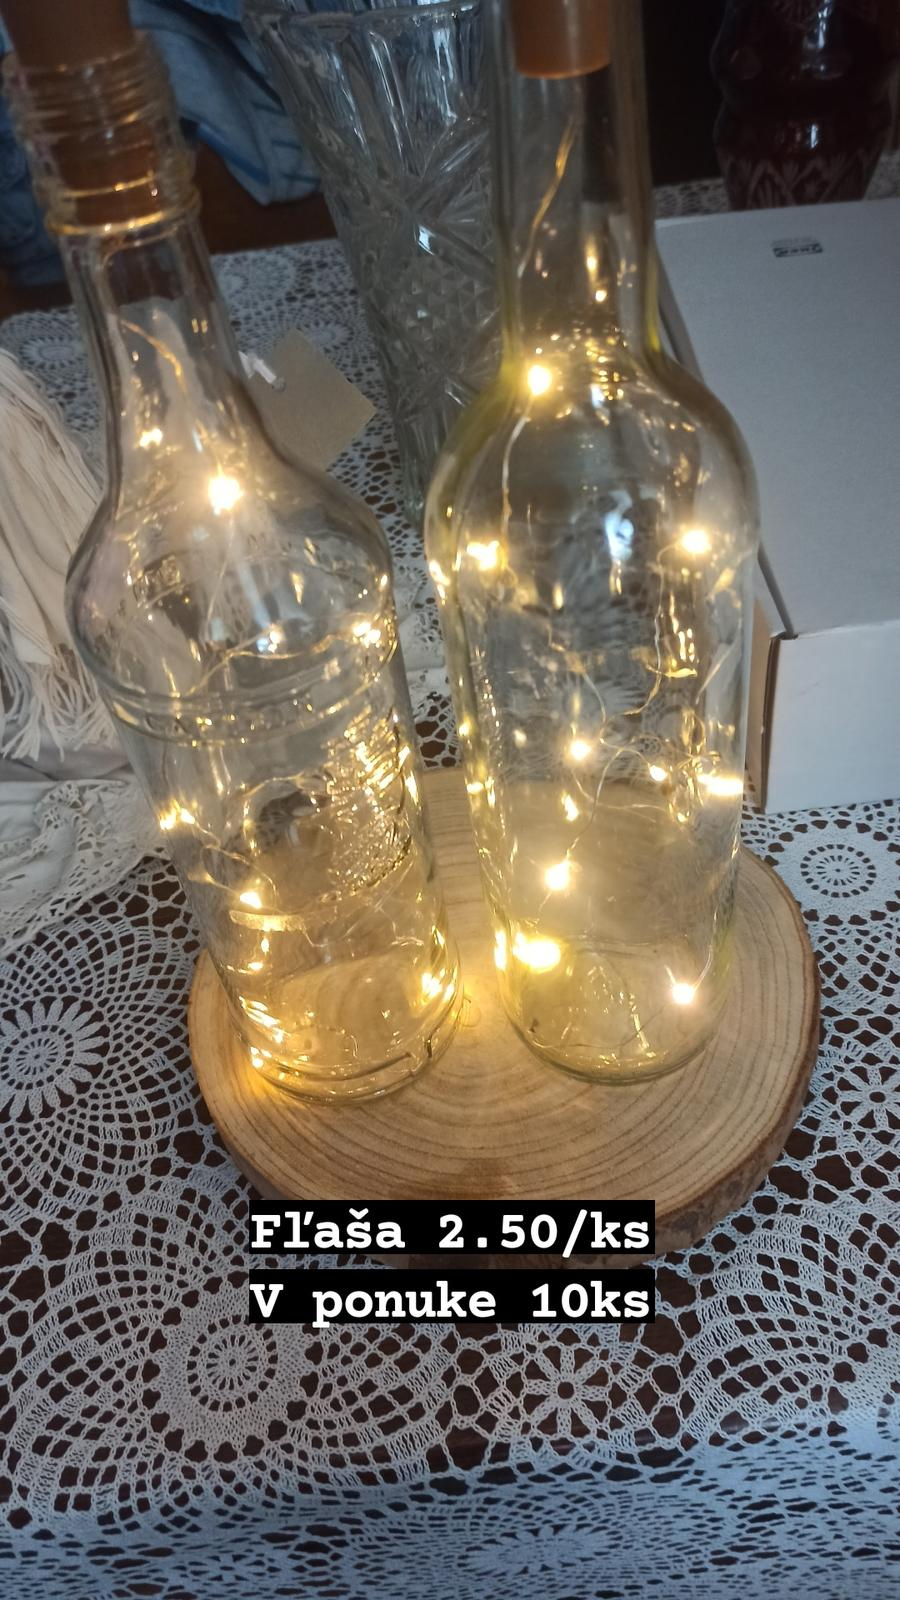 fľaše so svetielkami - Obrázok č. 1